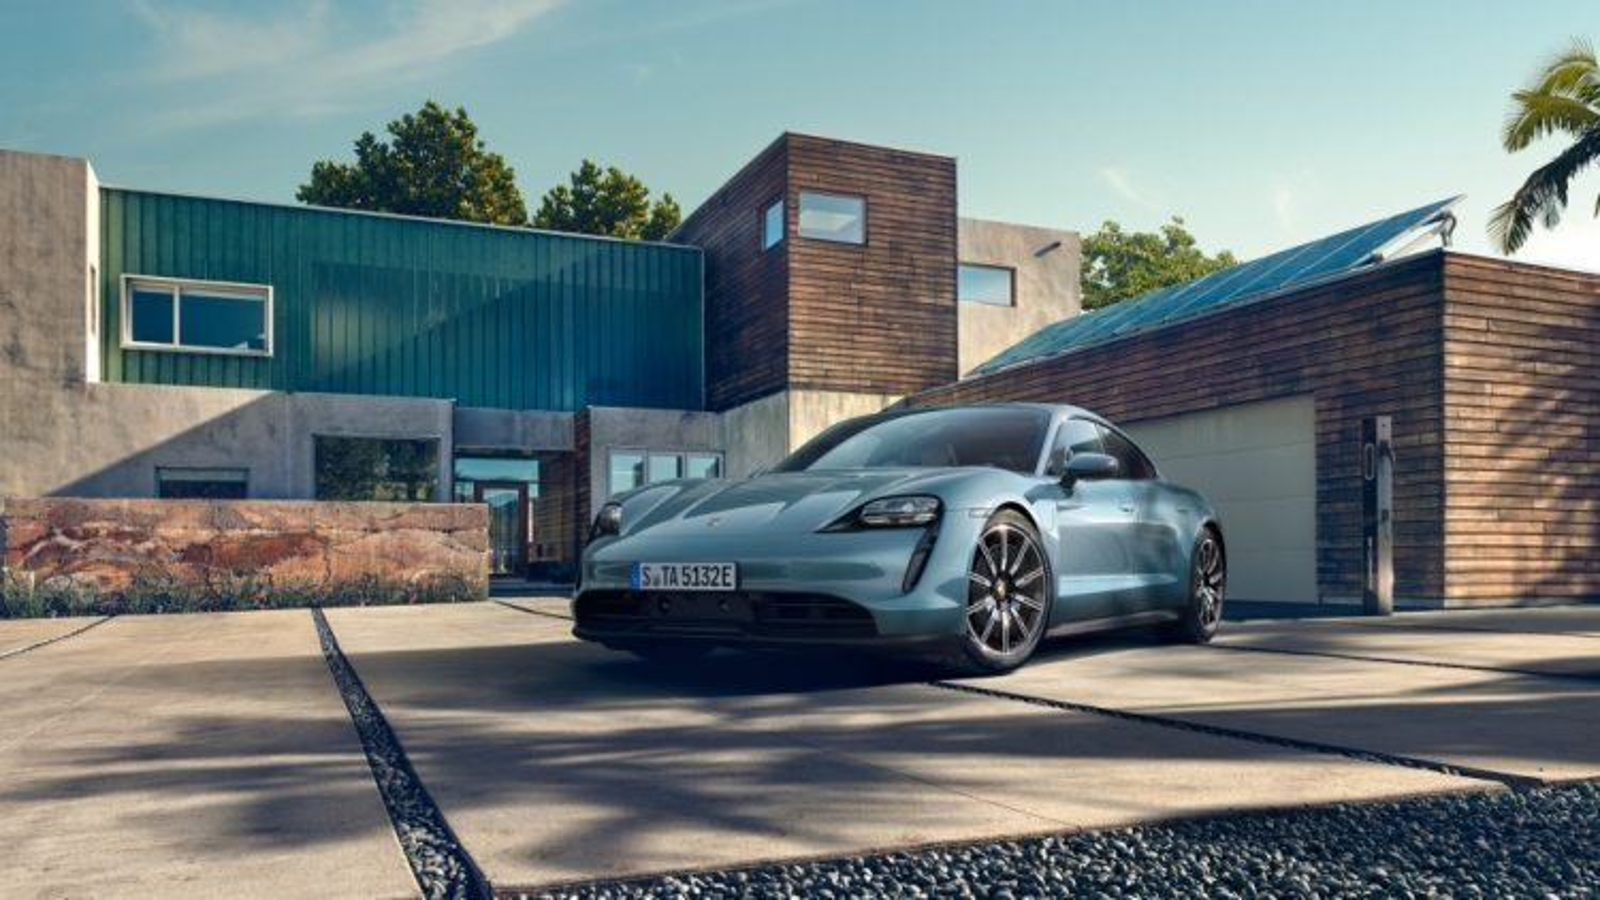 Siêu xe chạy điện Porsche Taycan có giá cao nhất gần 10 tỷ đồng